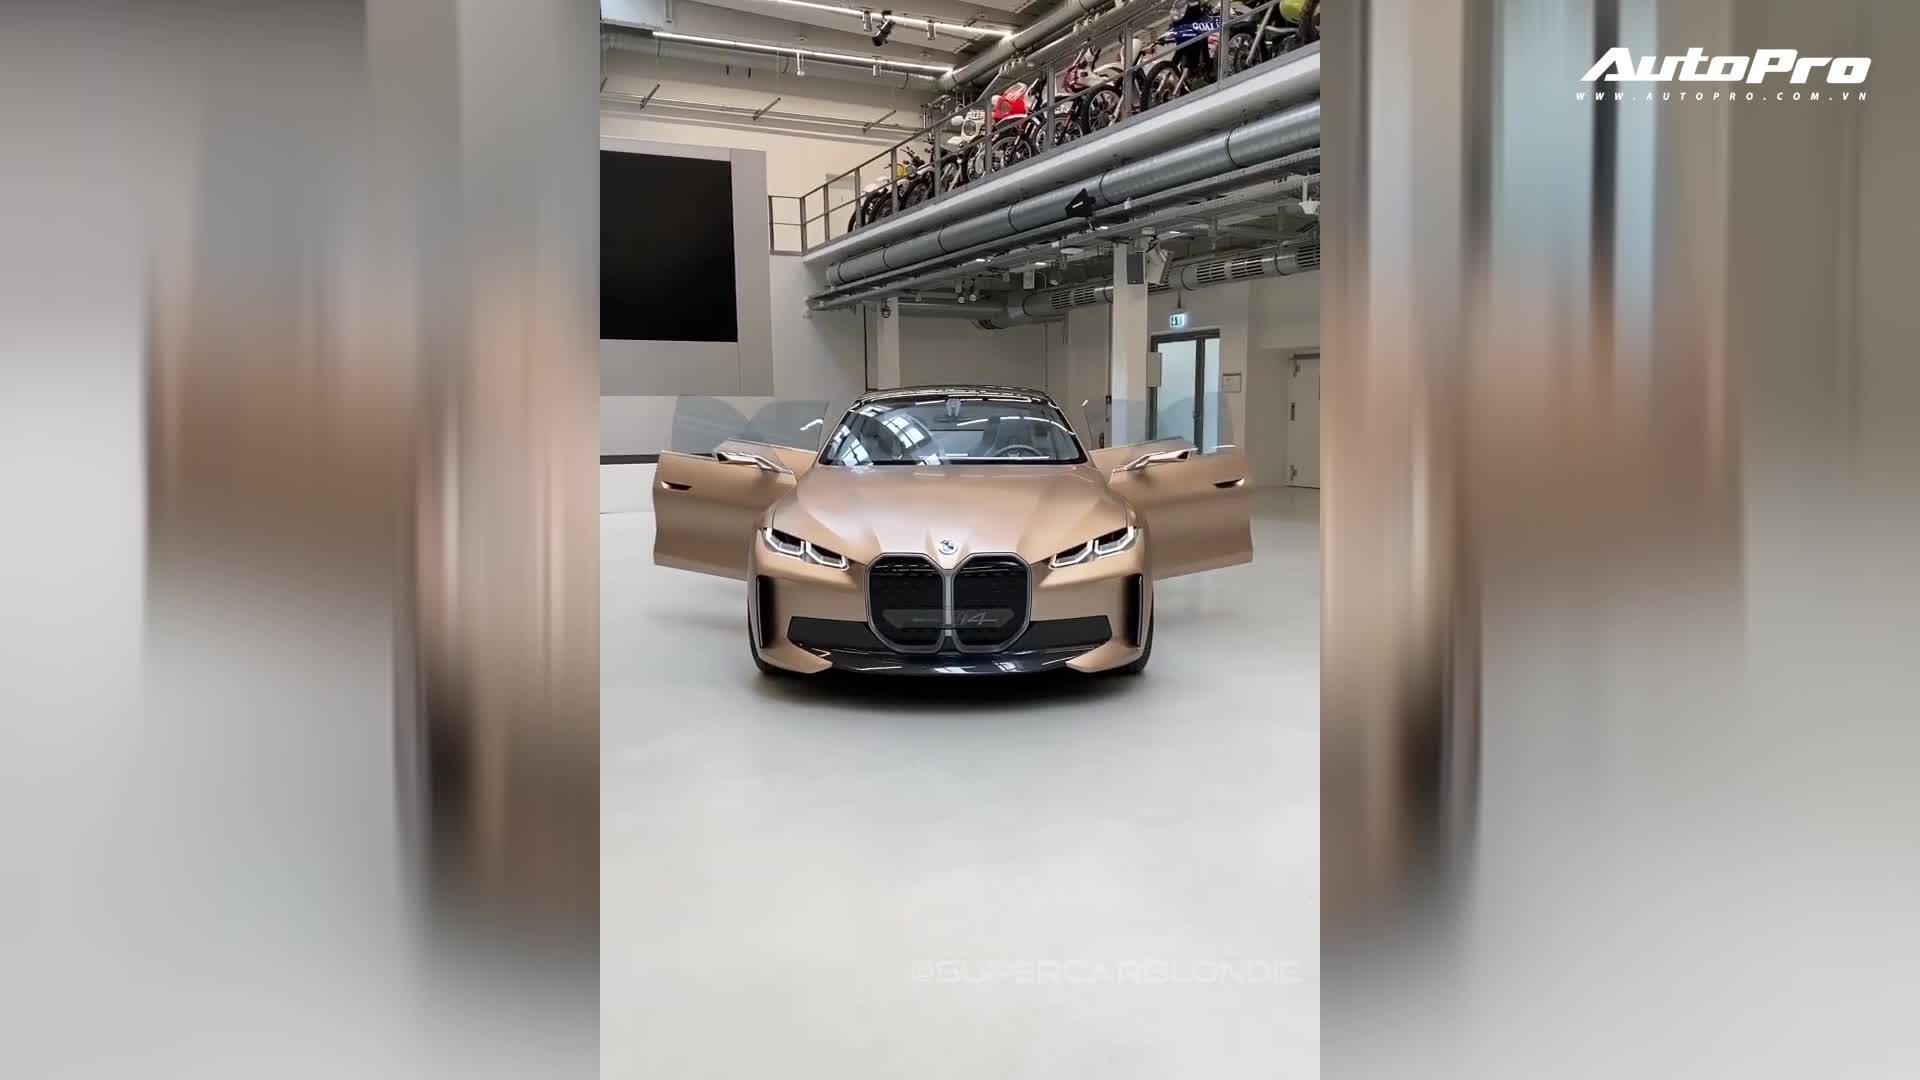 Xem nhanh nội ngoại thất chiếc BMW i4 concept sắp ra mắt thị trường